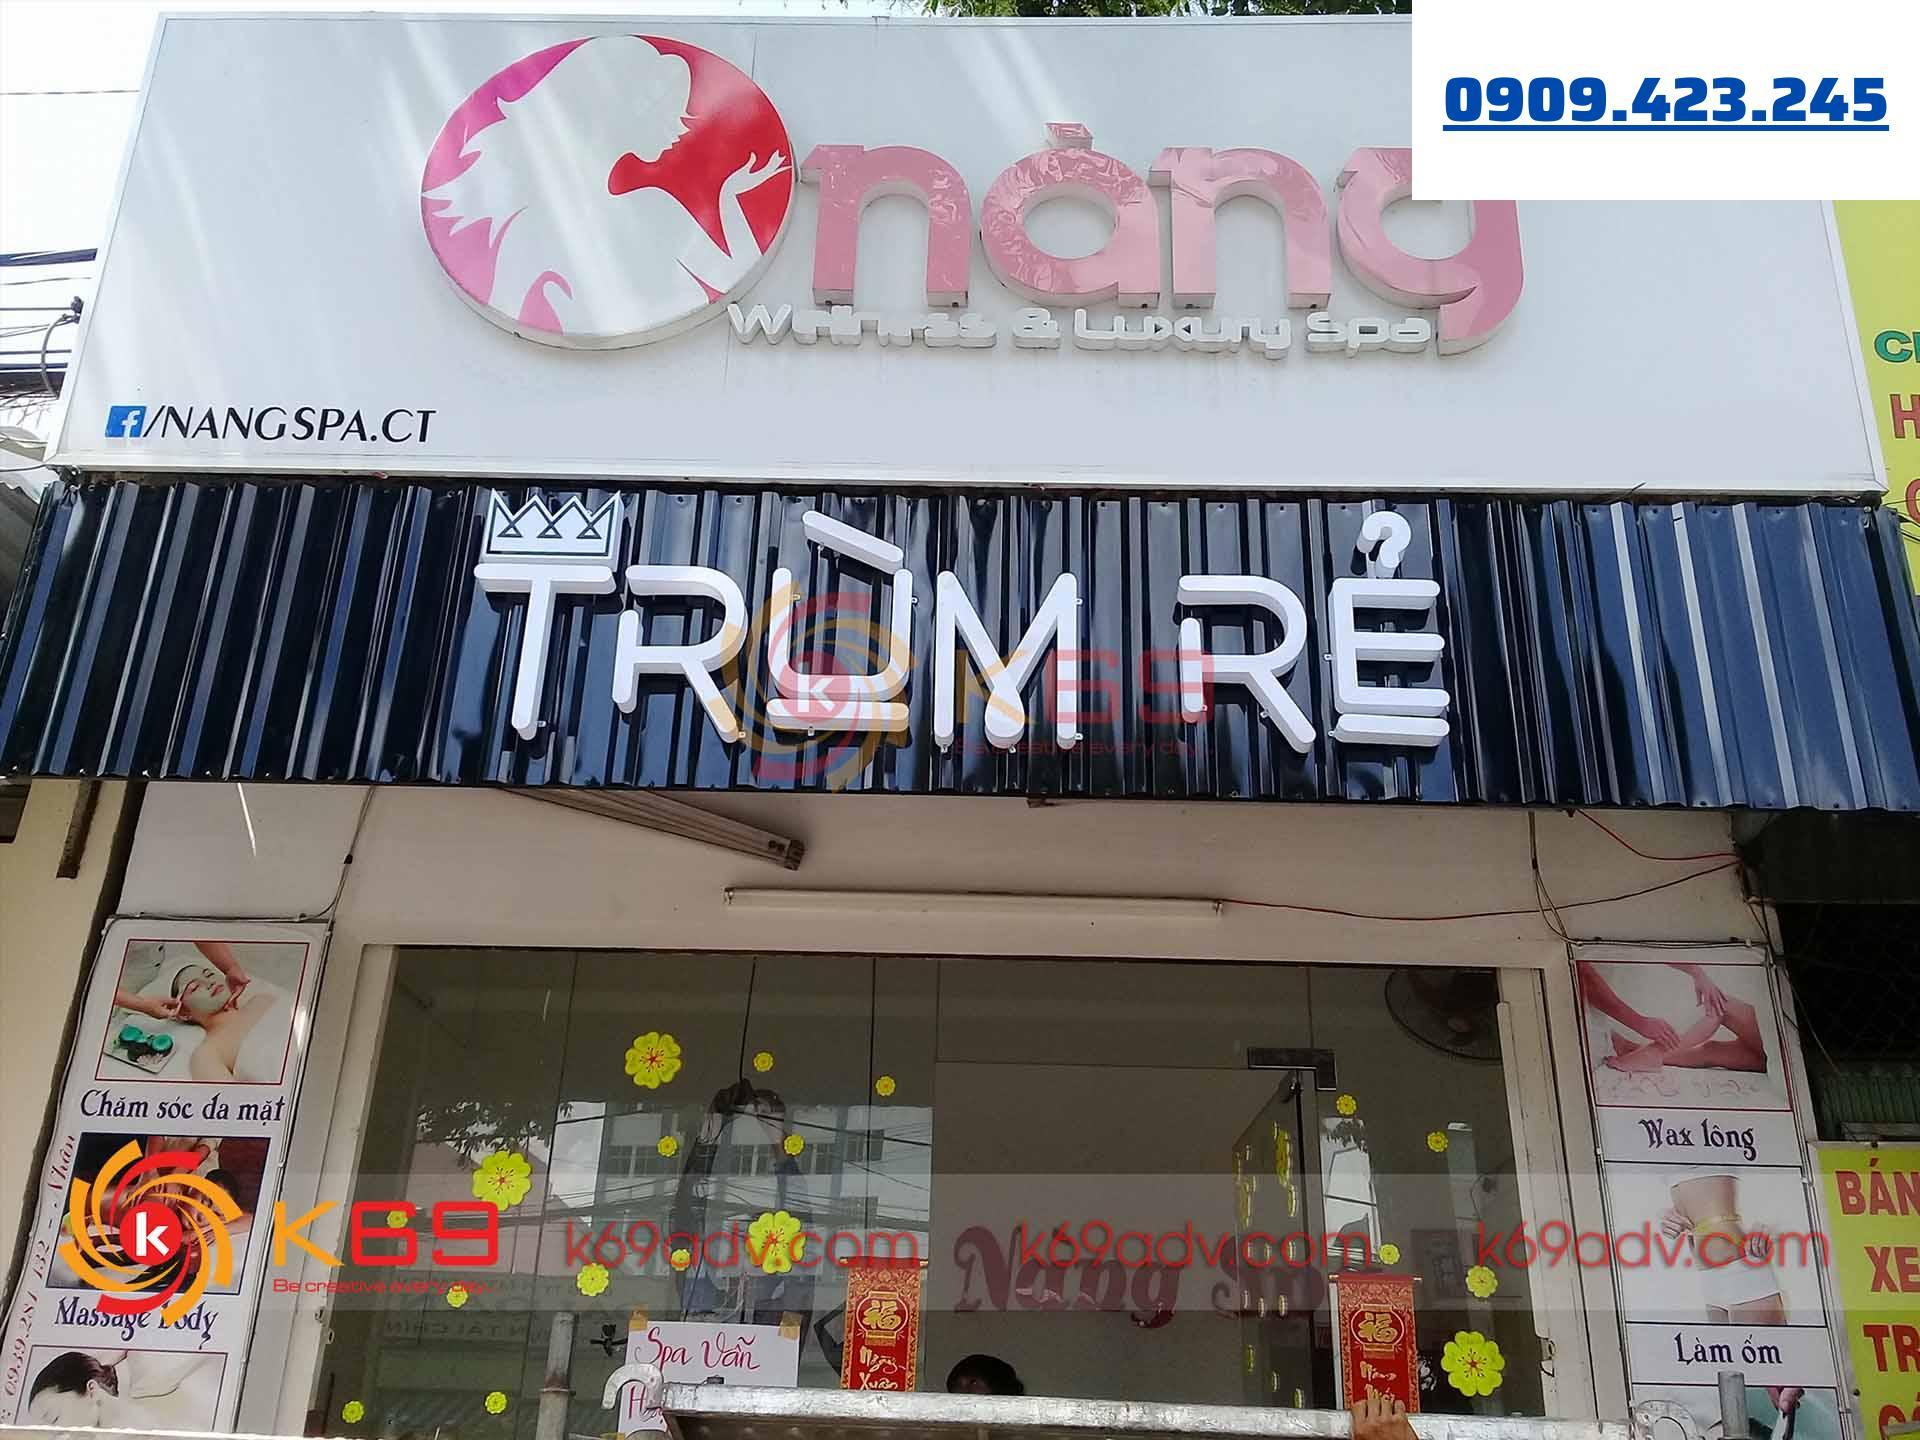 Làm bảng hiệu tại quận Phú Nhuận Nắng Spa do K69adv thi công